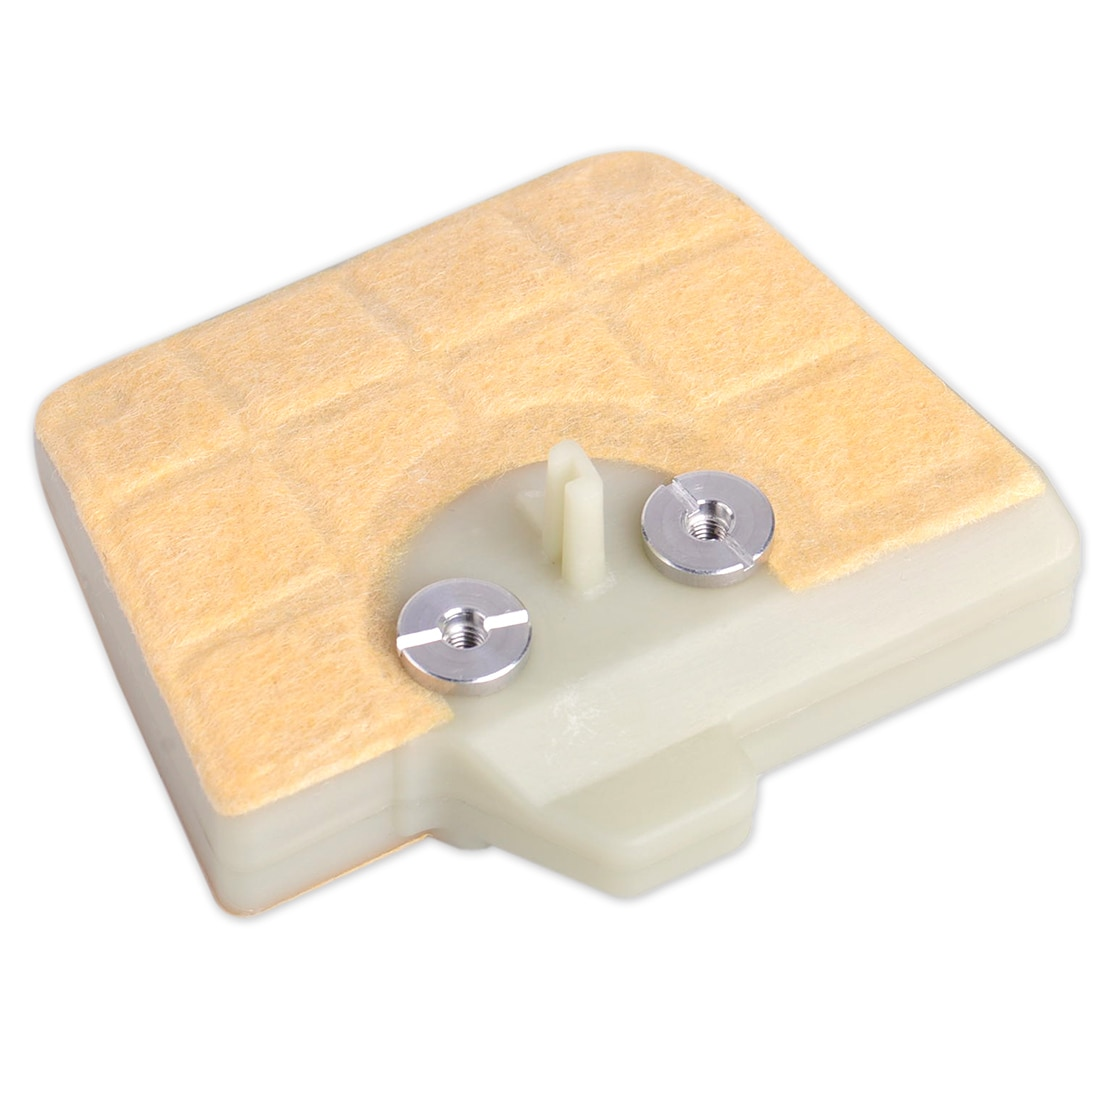 Nuevo filtro de aire de alta calidad LETAOSK, repuesto compatible con Stihl 034 036 MS340 MS360, motosierra 1125 120 1612